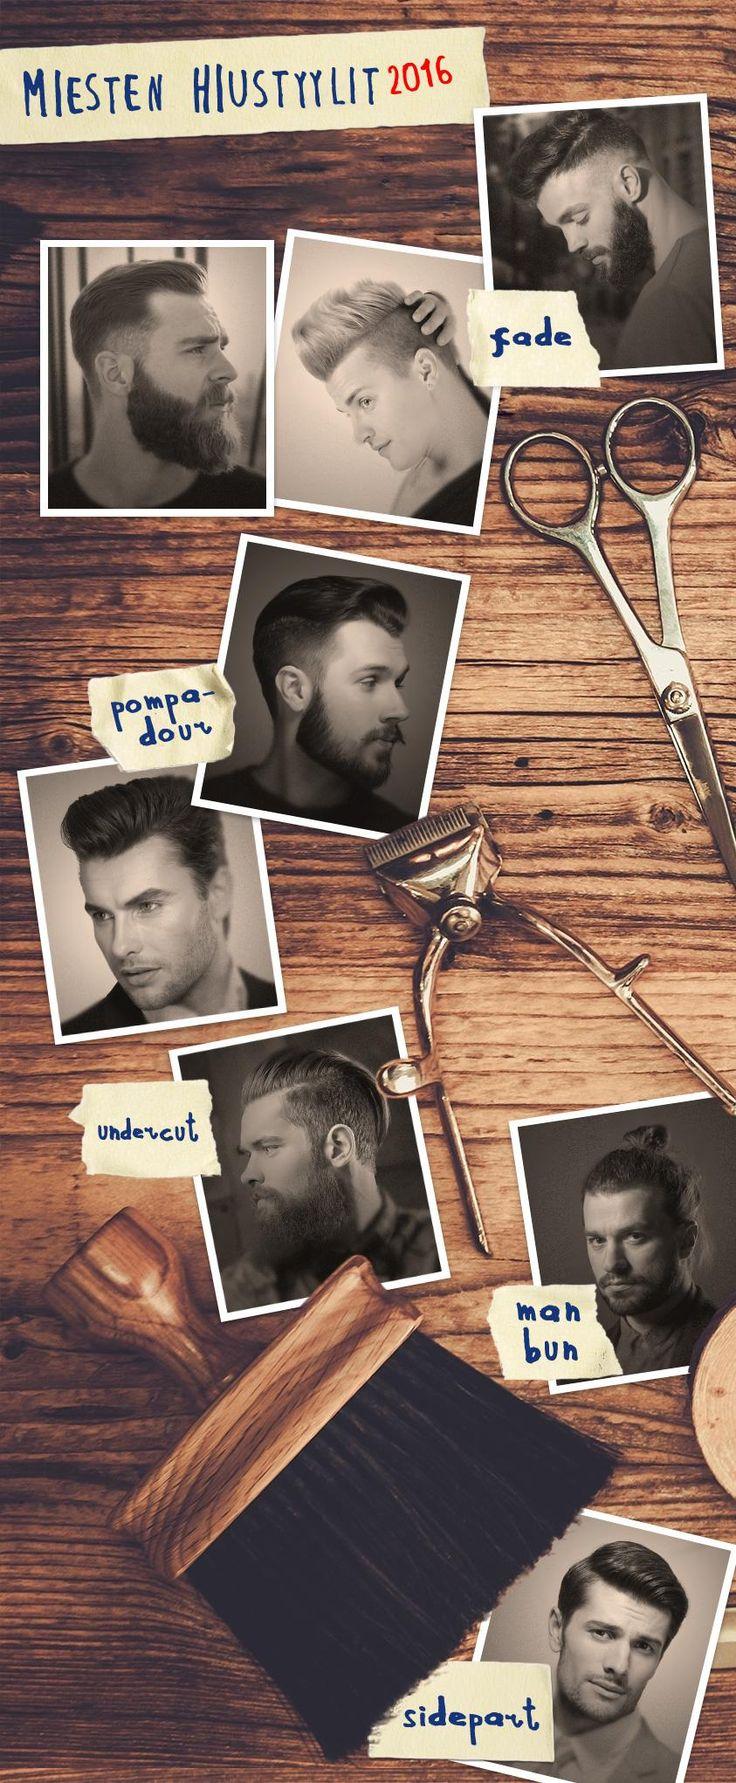 TOP 5: Trendikkäimmät hiustyylit miehille – nämä lookit ovat nyt kuumaa kamaa |  TOP 5: The trendiest hair styles for men - these are now hot .stuff! http://www.mtv.fi/teemasivut/kauneusvinkit/hiukset/artikkeli/top-5-trendikkaimmat-hiustyylit-miehille-nama-lookit-ovat-nyt-kuumaa-kamaa/5757654